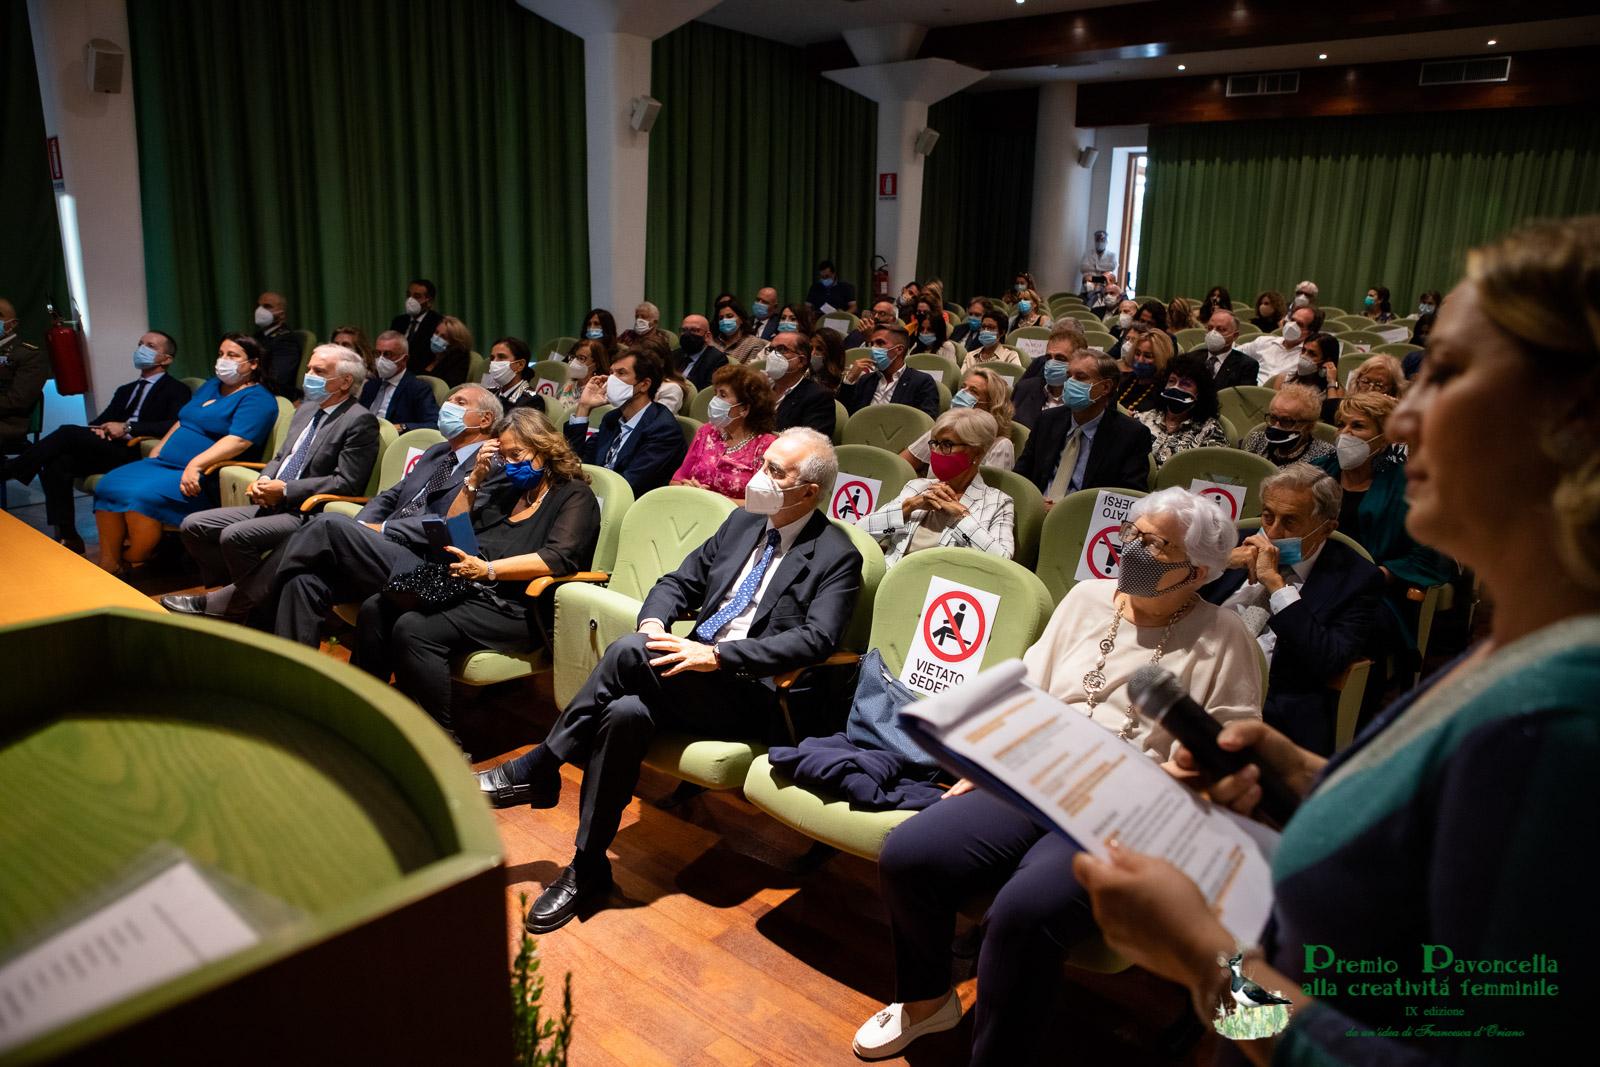 """Uno scorcio dell'Auditorium del Parco Nazionale del Circeo che ha ospitato la IX edizione del Premio """"Pavoncella alla creatività femminile"""""""